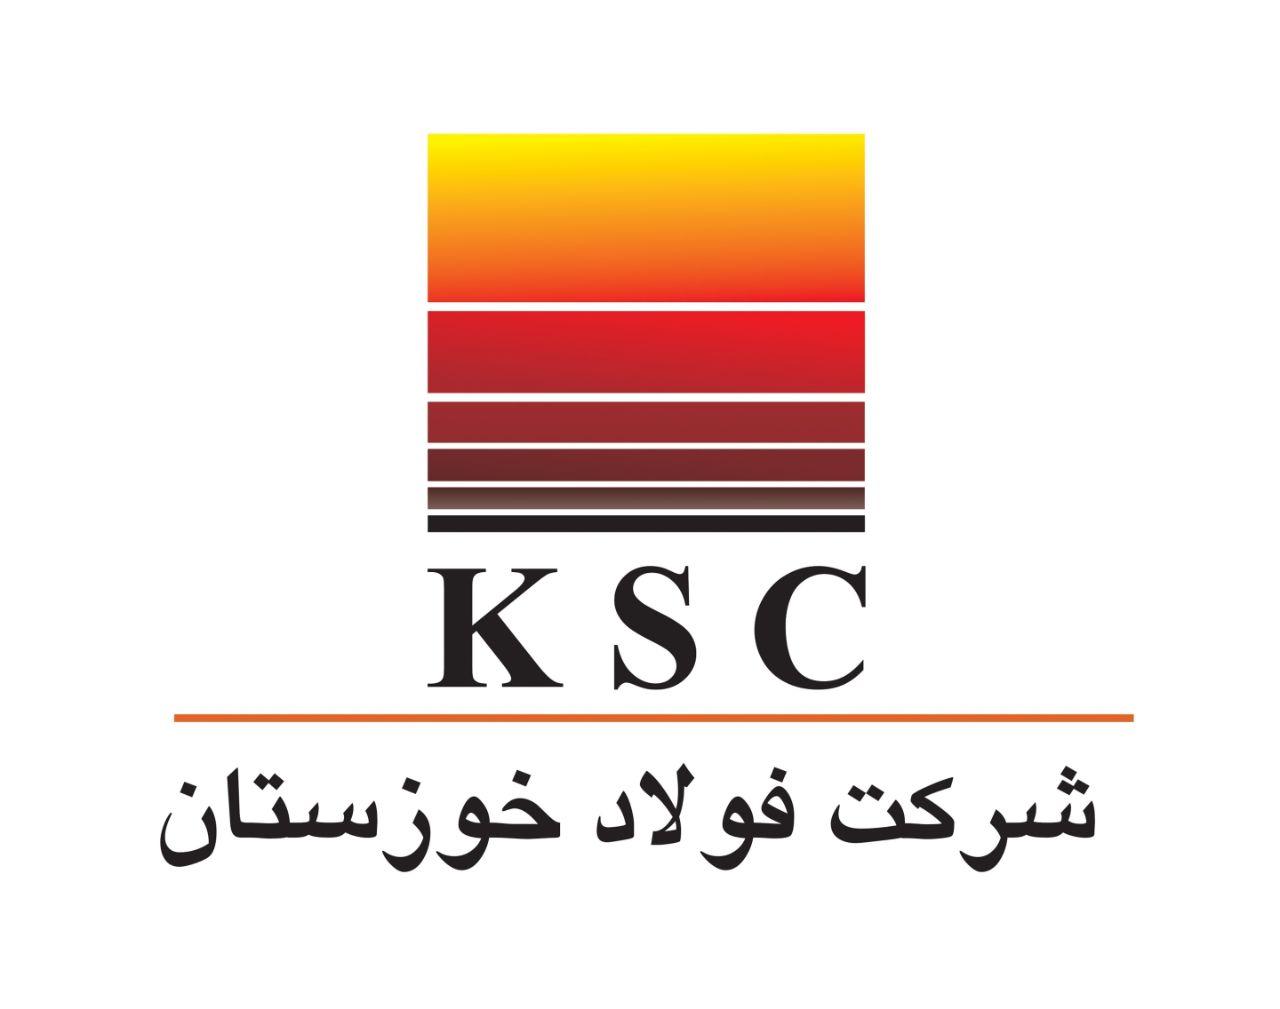 """گروه فولاد خوزستان """"جهش تولید"""" را در عمل اثبات می کند/ تولید 3.7 میلیون تنی شمش در فخوز/ بیش از 50 درصد محصولات فولاد خوزستان در سال گذشته صادر شد"""